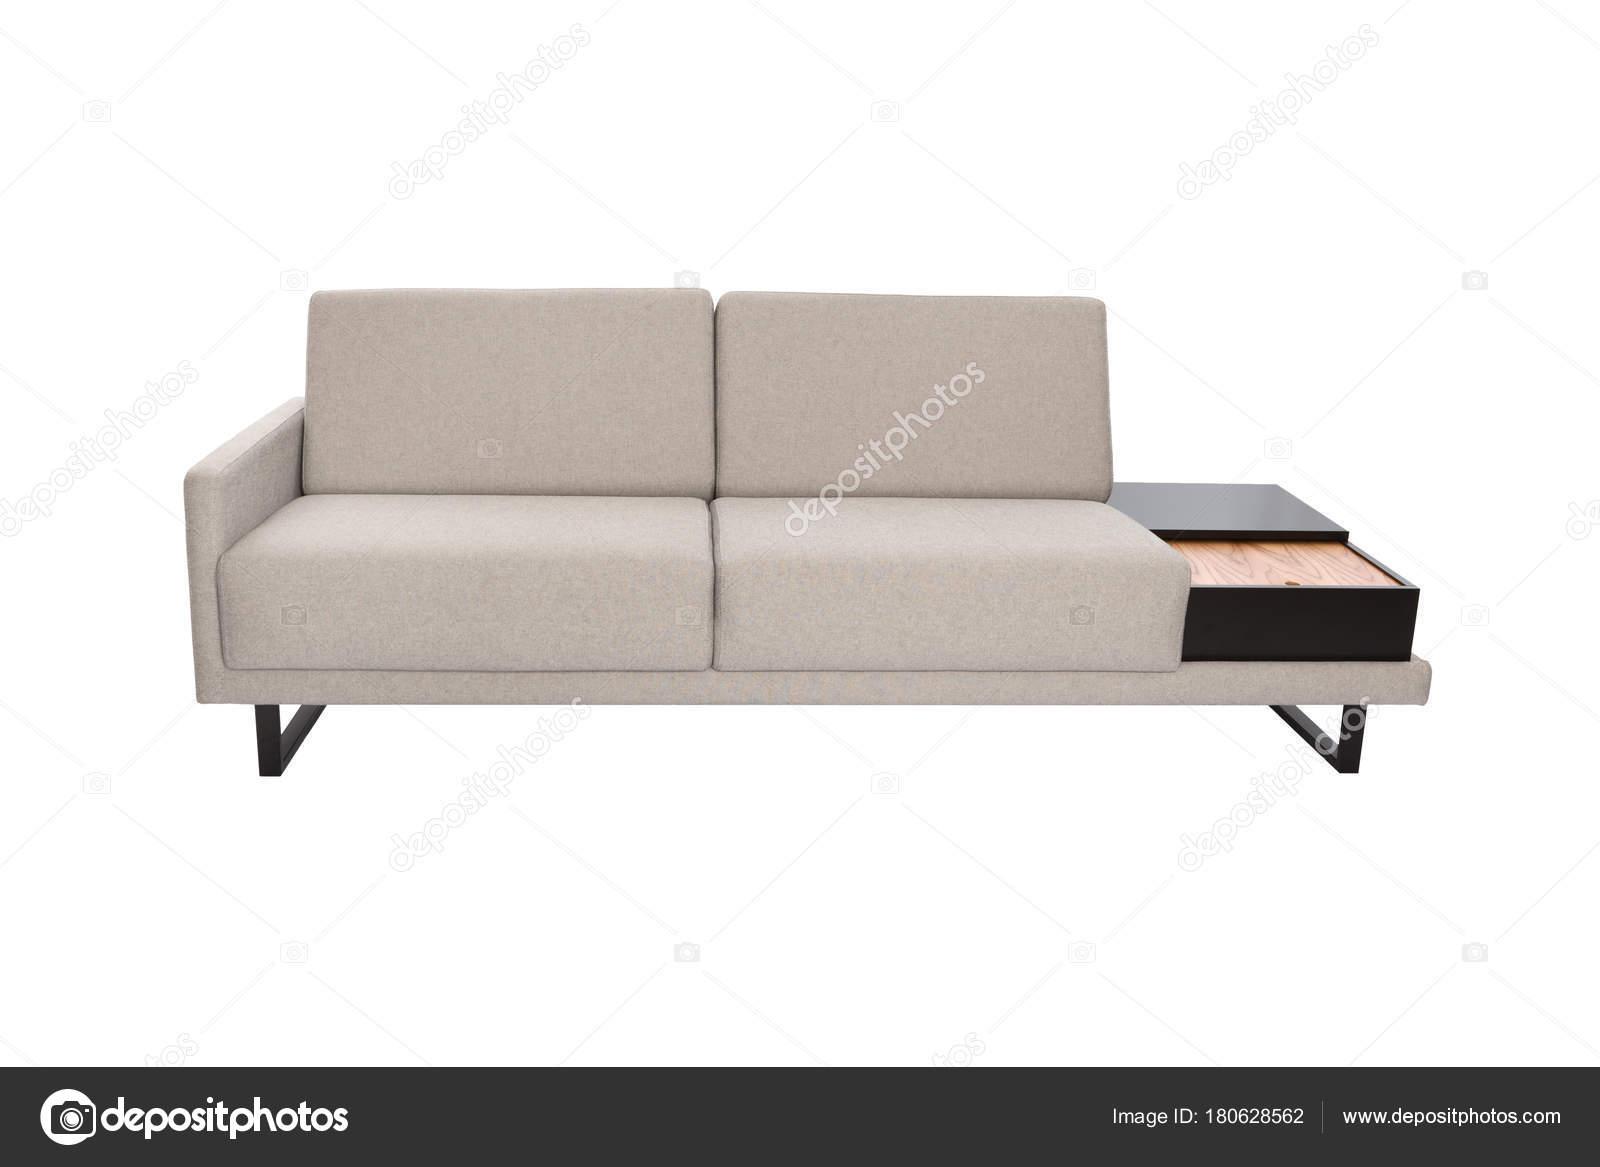 Modernes Sofa Grau Stoff Mit Schwarzen Holz Details Und Isoliert U2014 Stockfoto